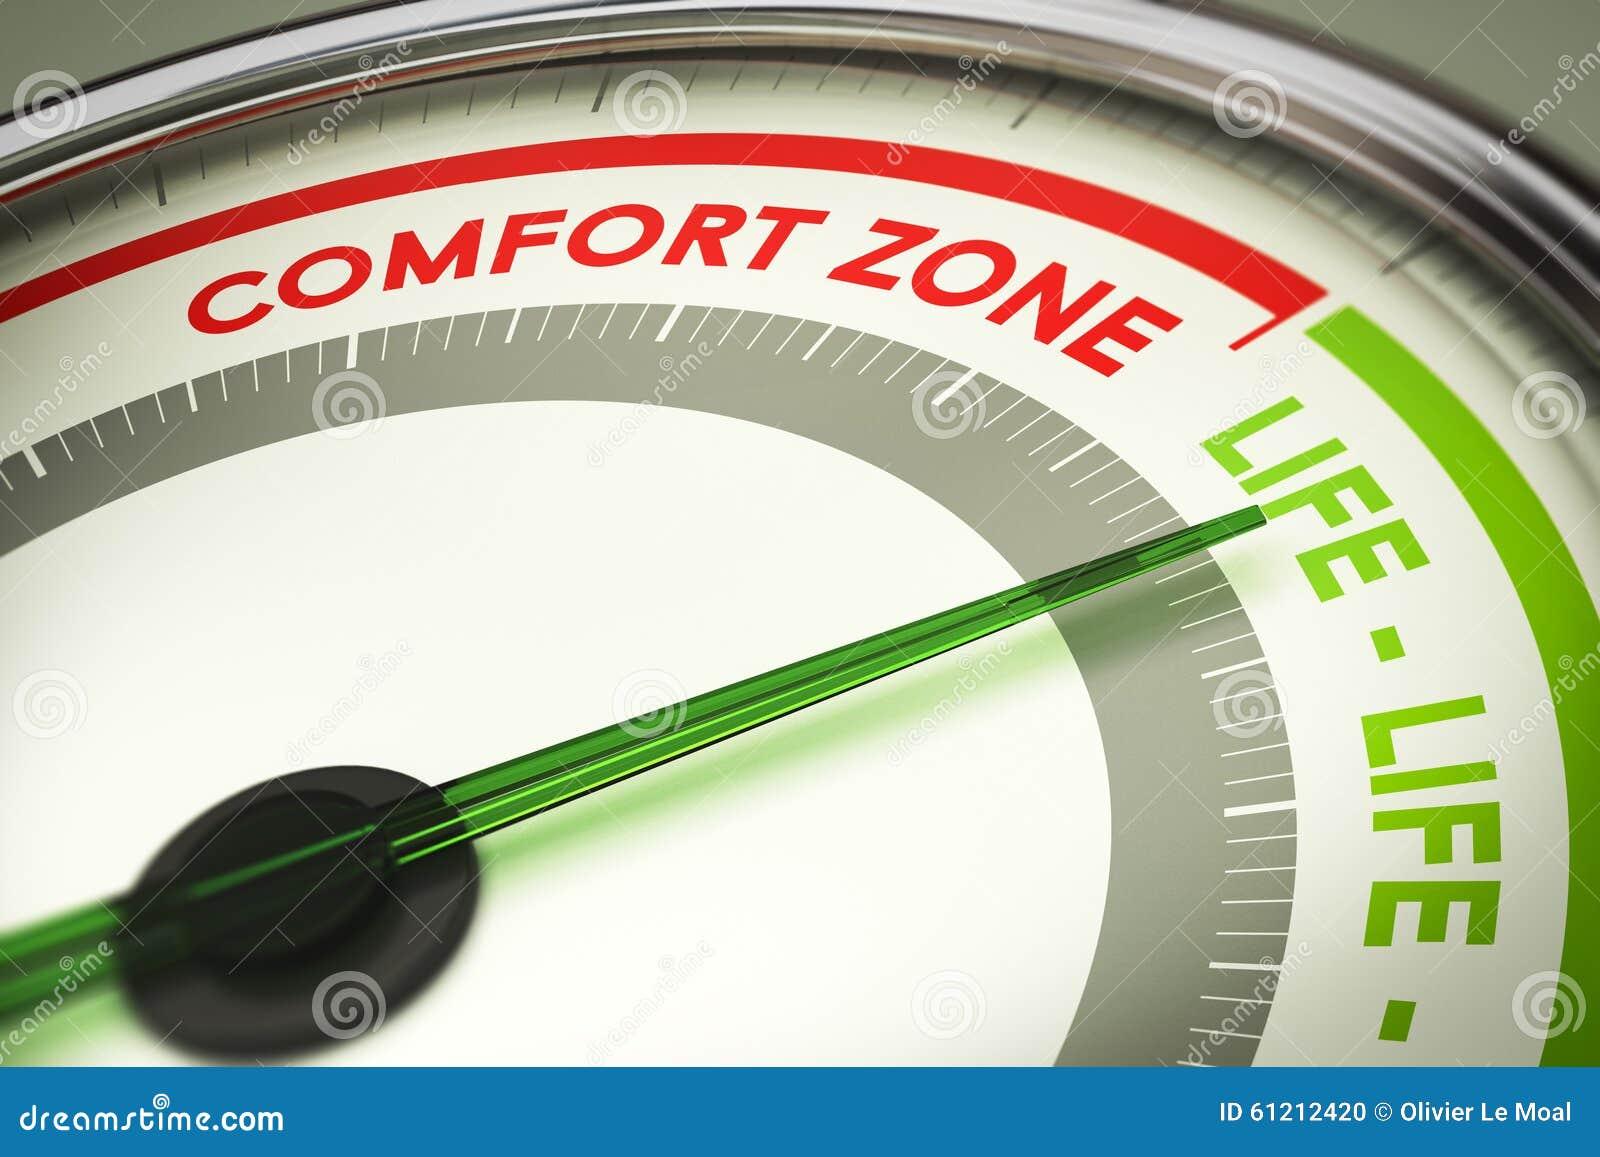 Estoire de sua zona de conforto, mudança da vida